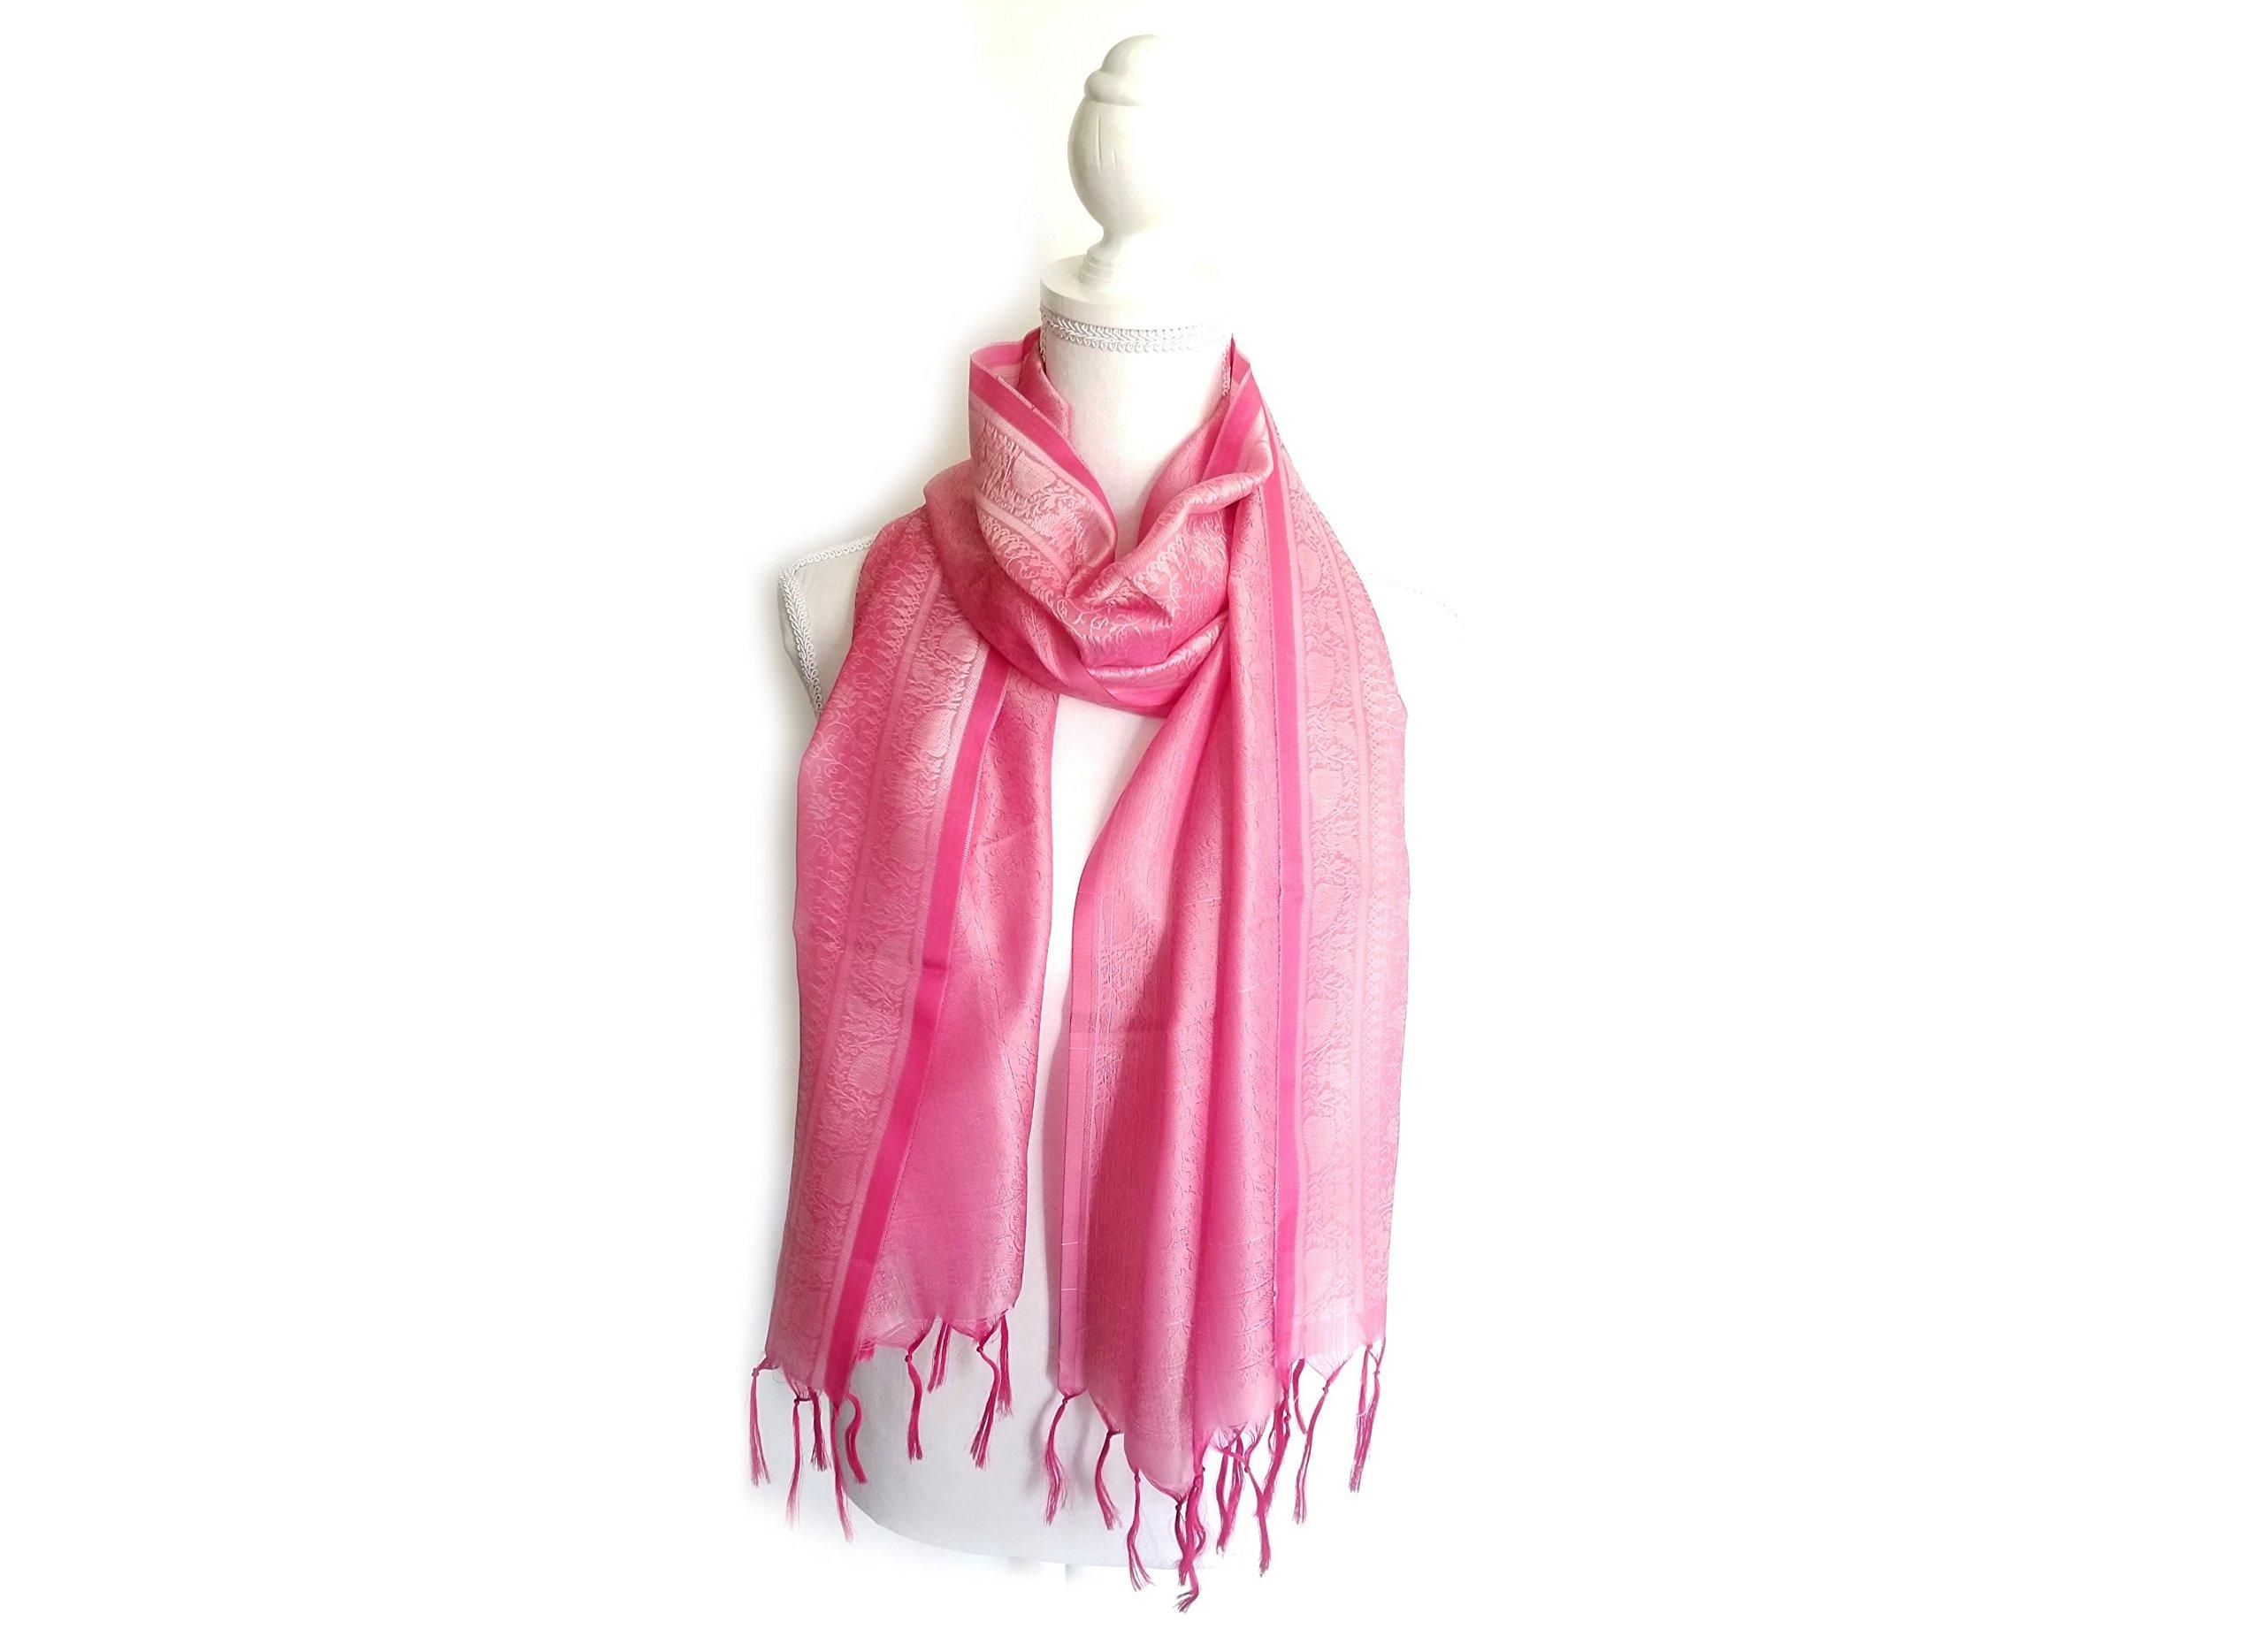 Benarasi Light Silk Scarf Shawls Wraps, Rose Pink Medium 102